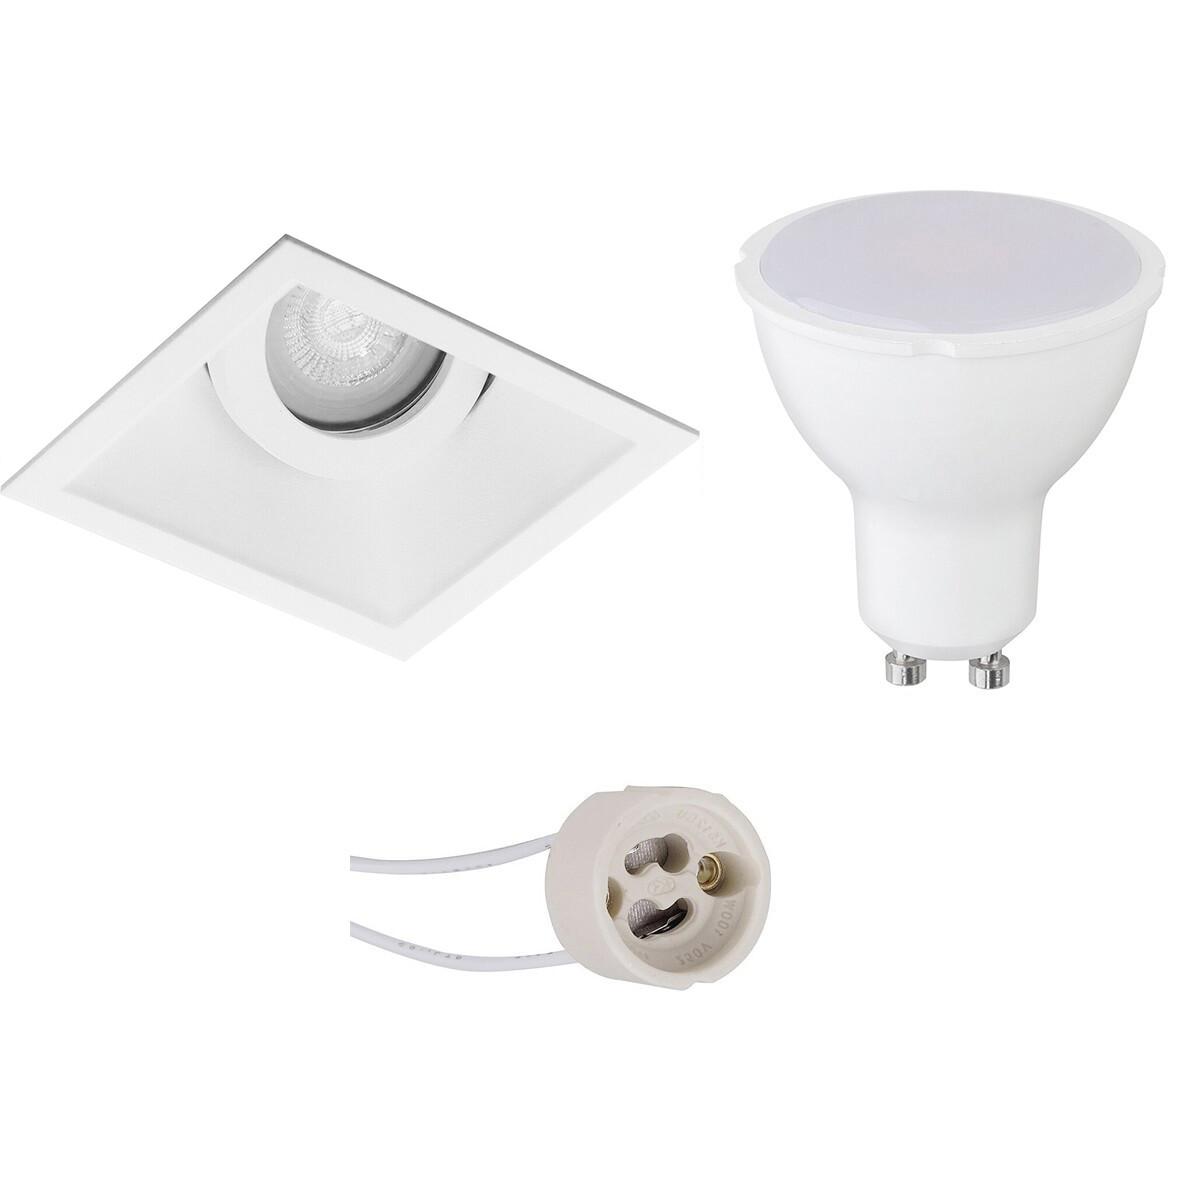 LED Spot Set - Pragmi Zano Pro - GU10 Fitting - Inbouw Vierkant - Mat Wit - 6W - Helder/Koud Wit 640